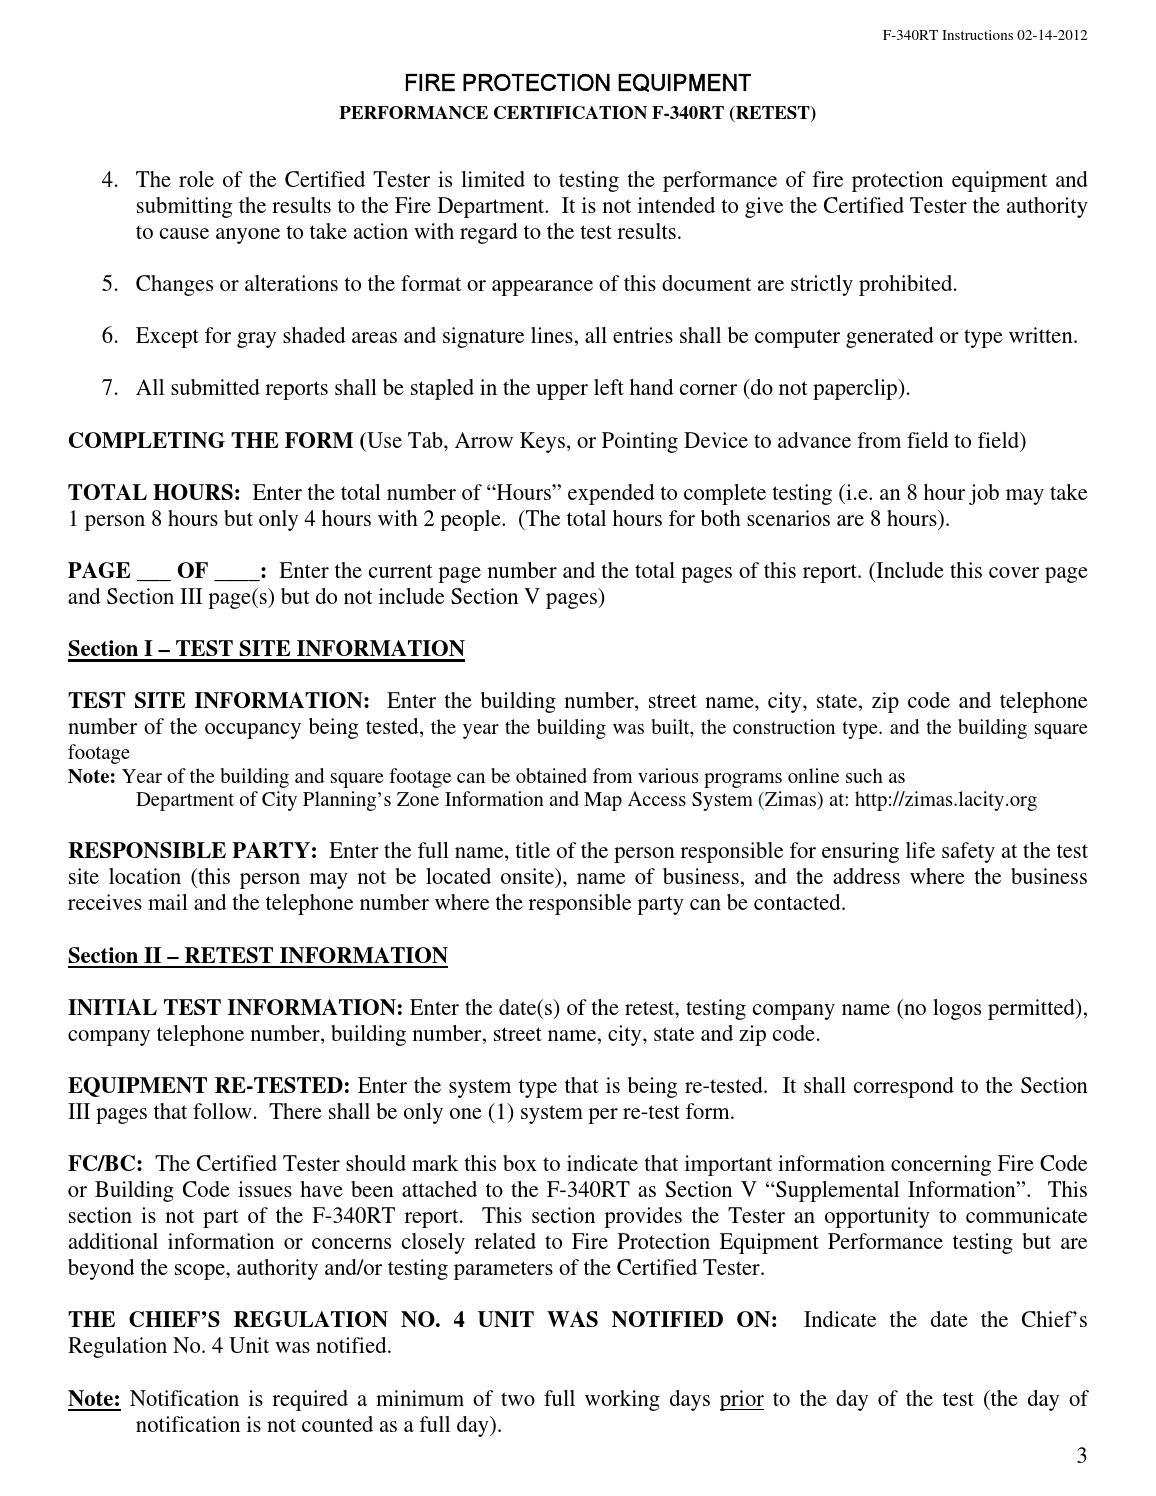 LAFD Chief's Regulation No 4 Program Manual 2014 by Los